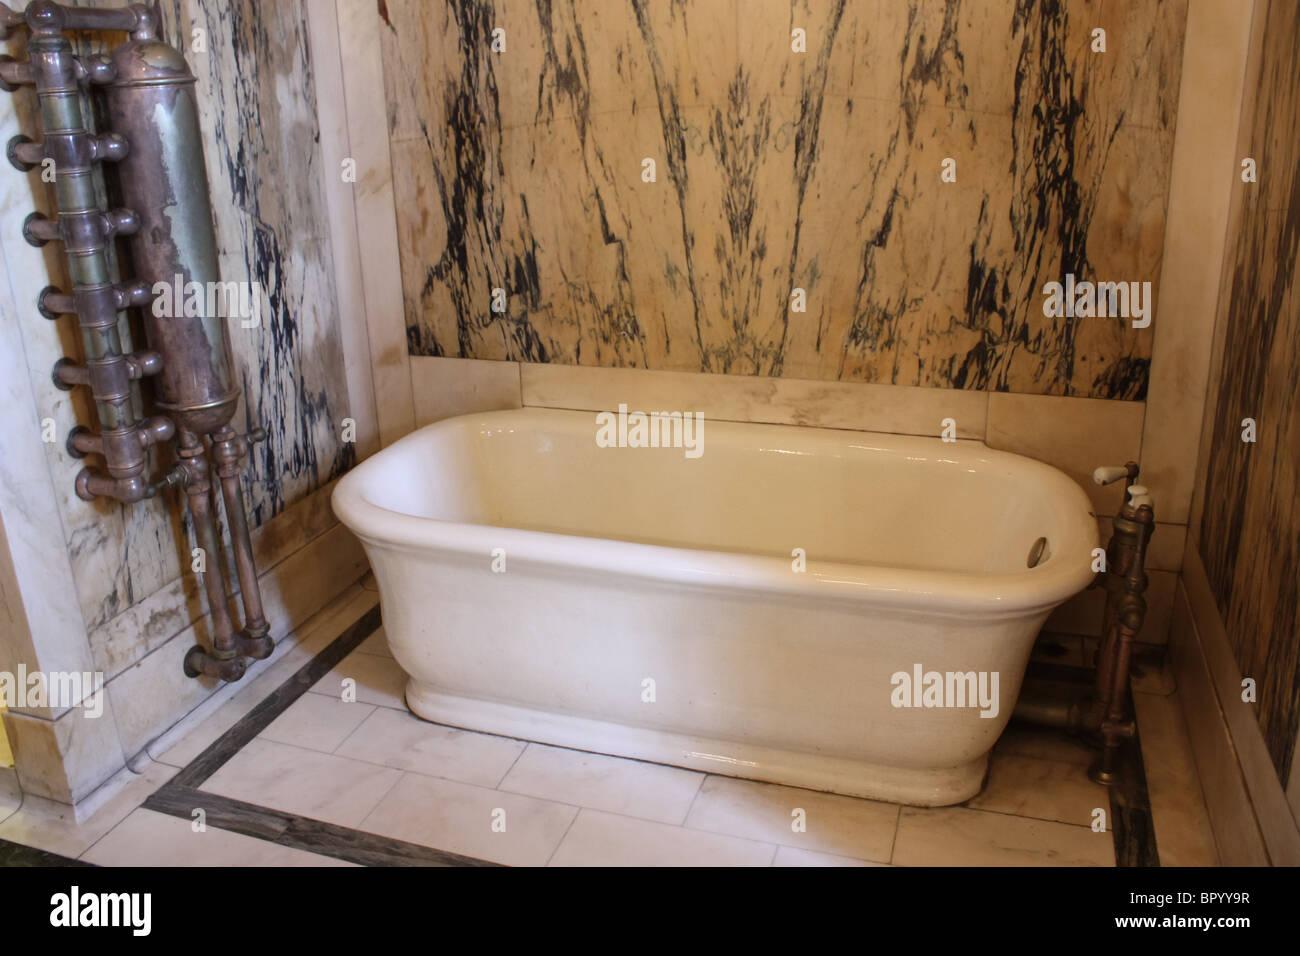 Vasca Da Bagno Retro : Retro vintage white vasca da bagno parete in marmo foto & immagine